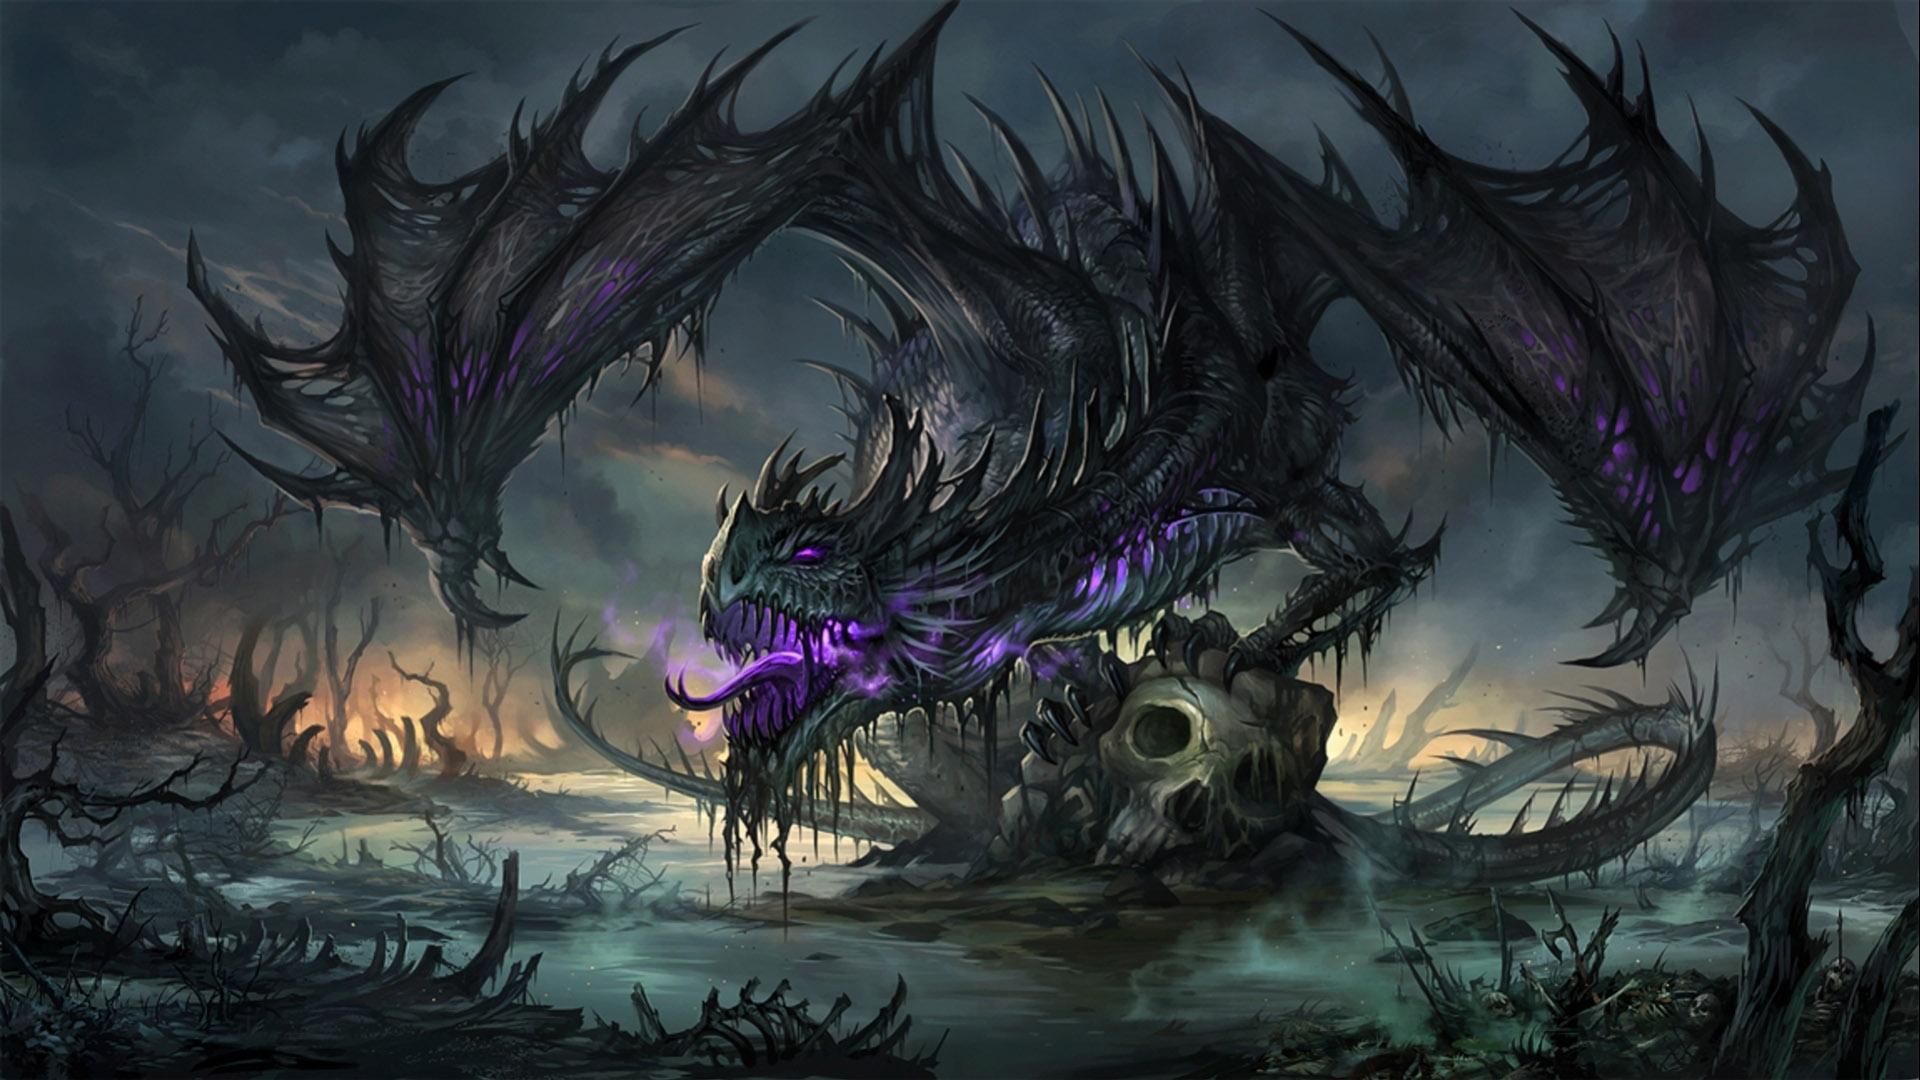 Красивые обои и картинки драконов для рабочего стола - подборка 6